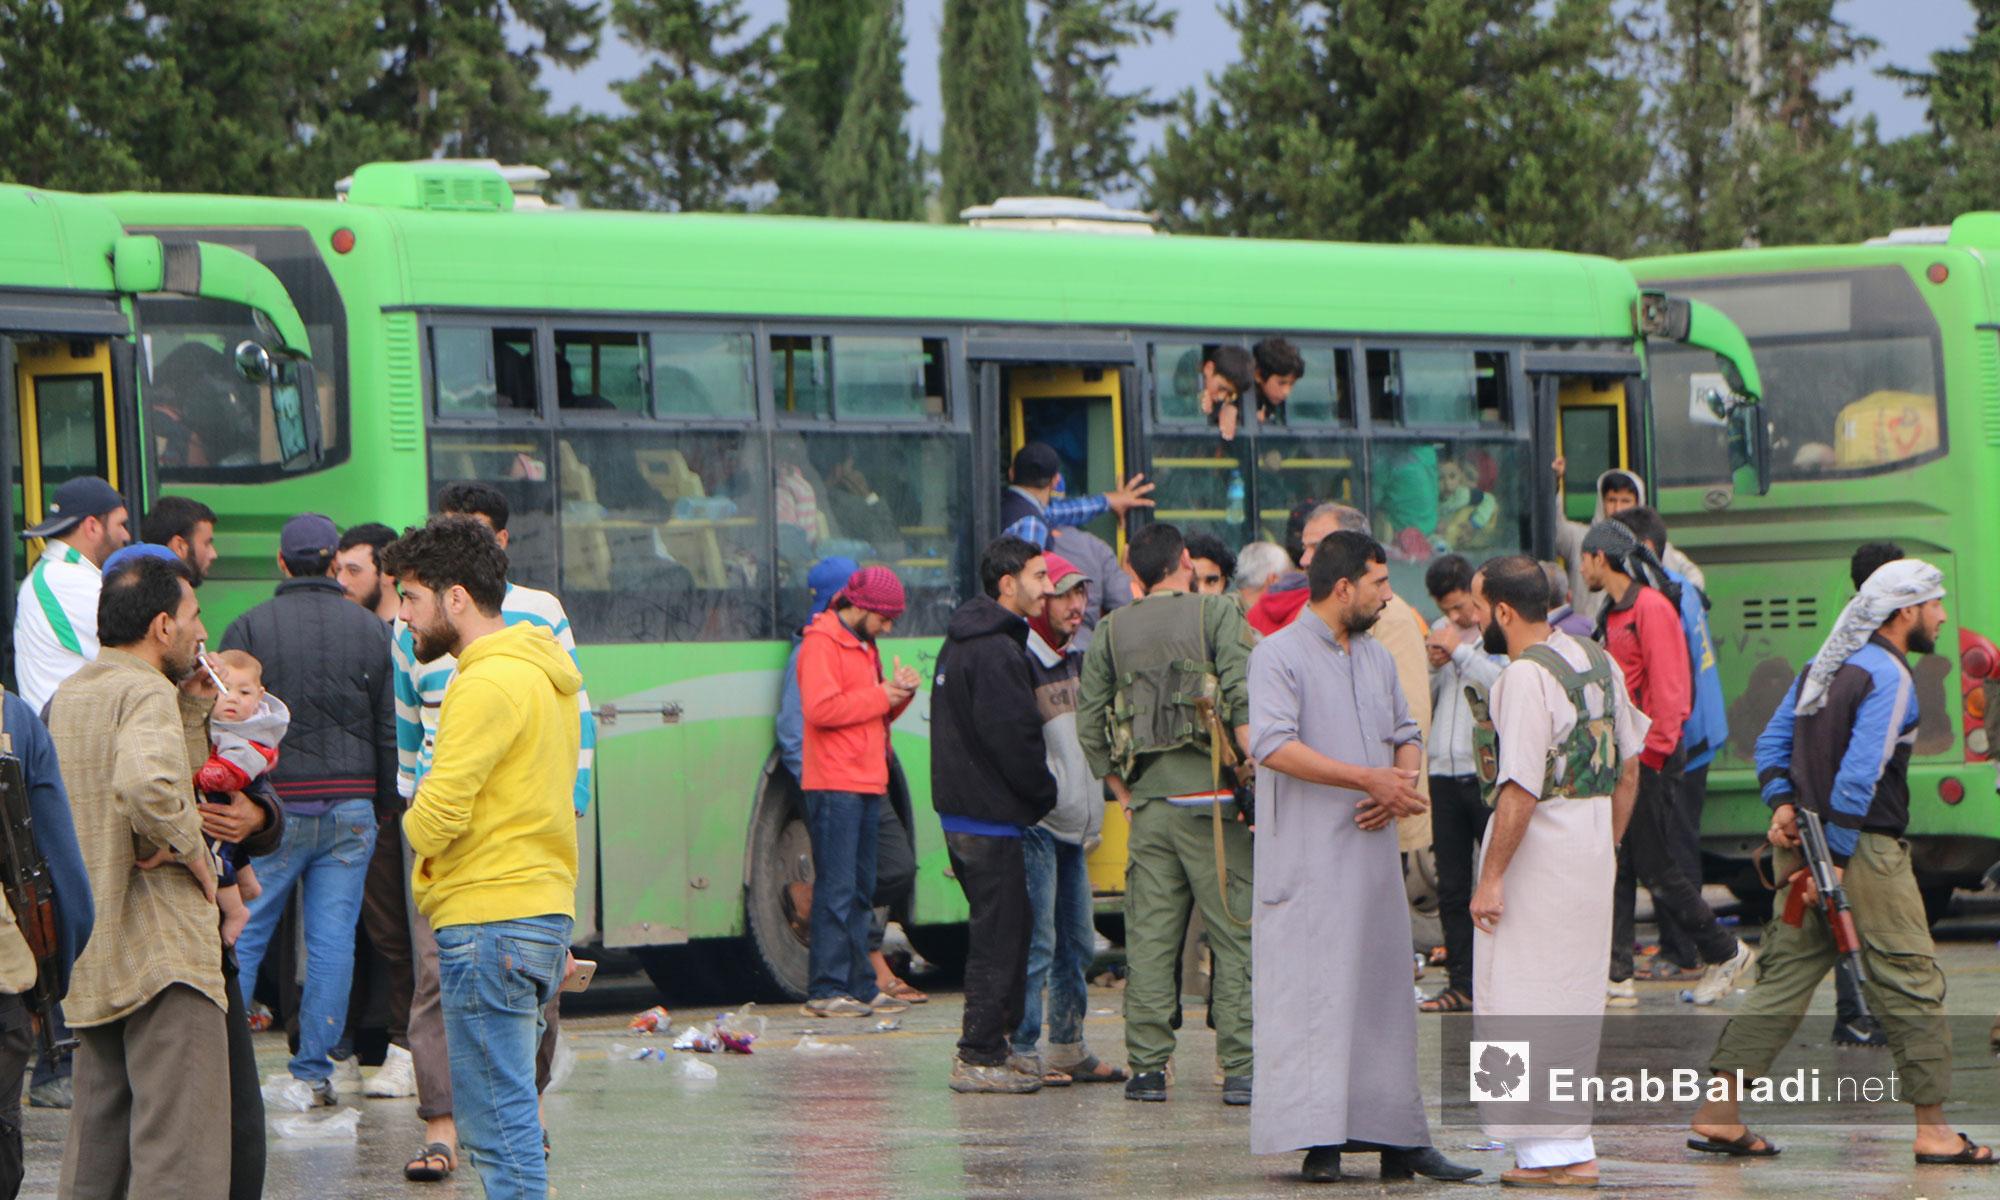 وصول مهجري ريف حمص إلى معبر الزندين في مدينة الباب شرقي حلب - 9 أيار 2018 (عنب بلدي)